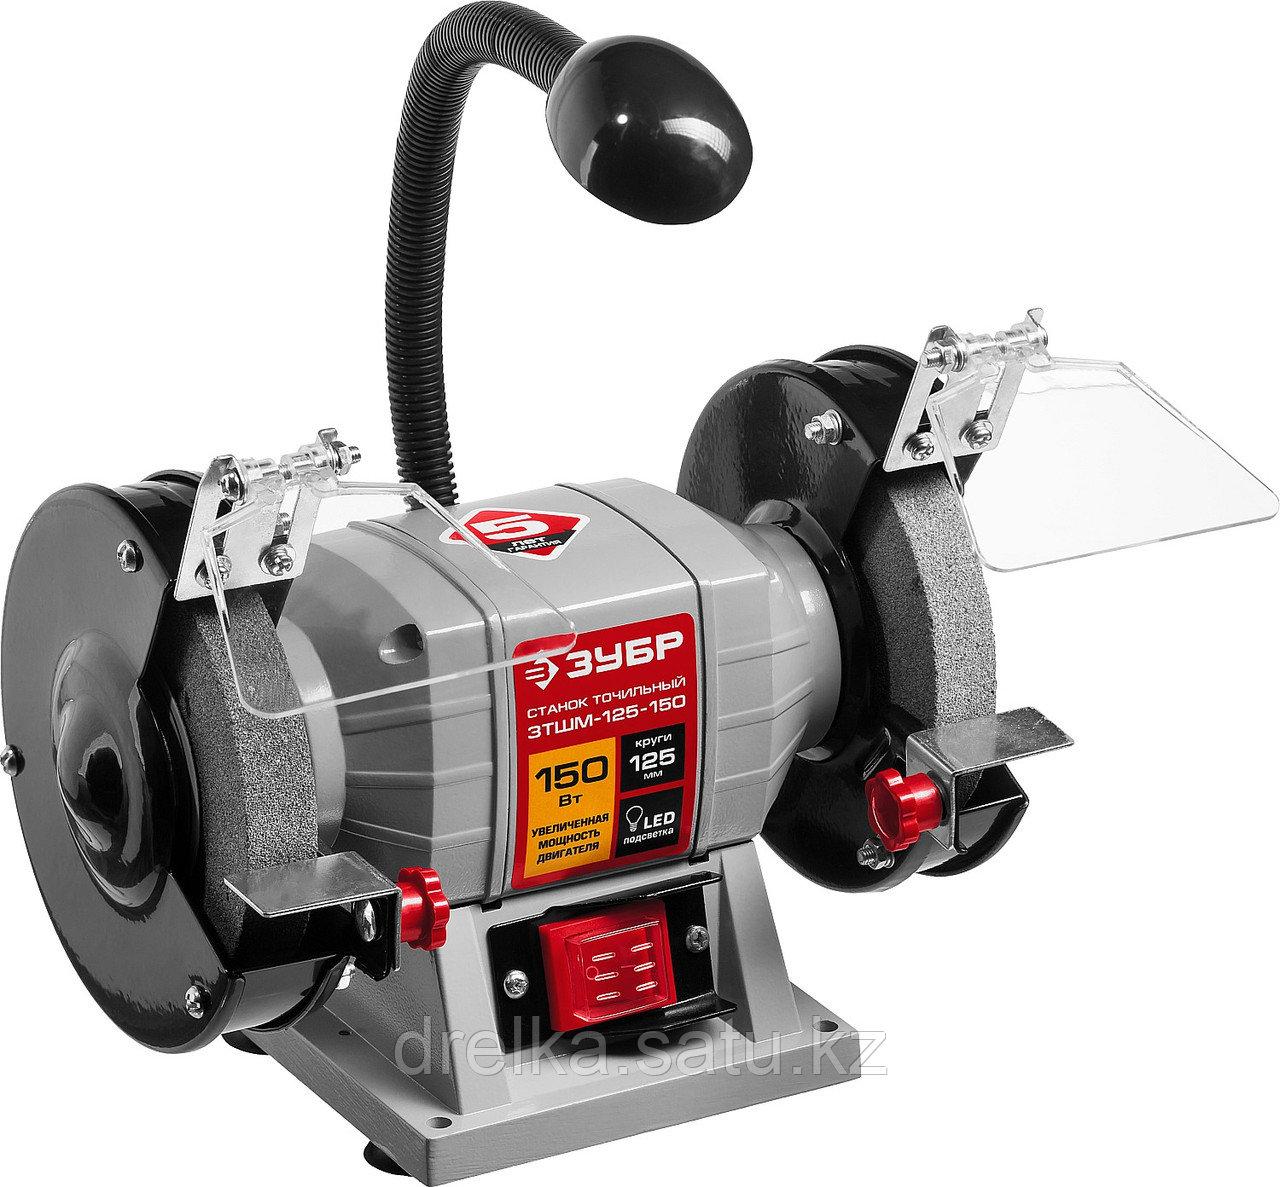 Станок точильный ЗУБР ЗТШМ-125-150, МАСТЕР, двойной, лампа подсветки, диск 125 х 20 х 32 мм, 150 Вт.